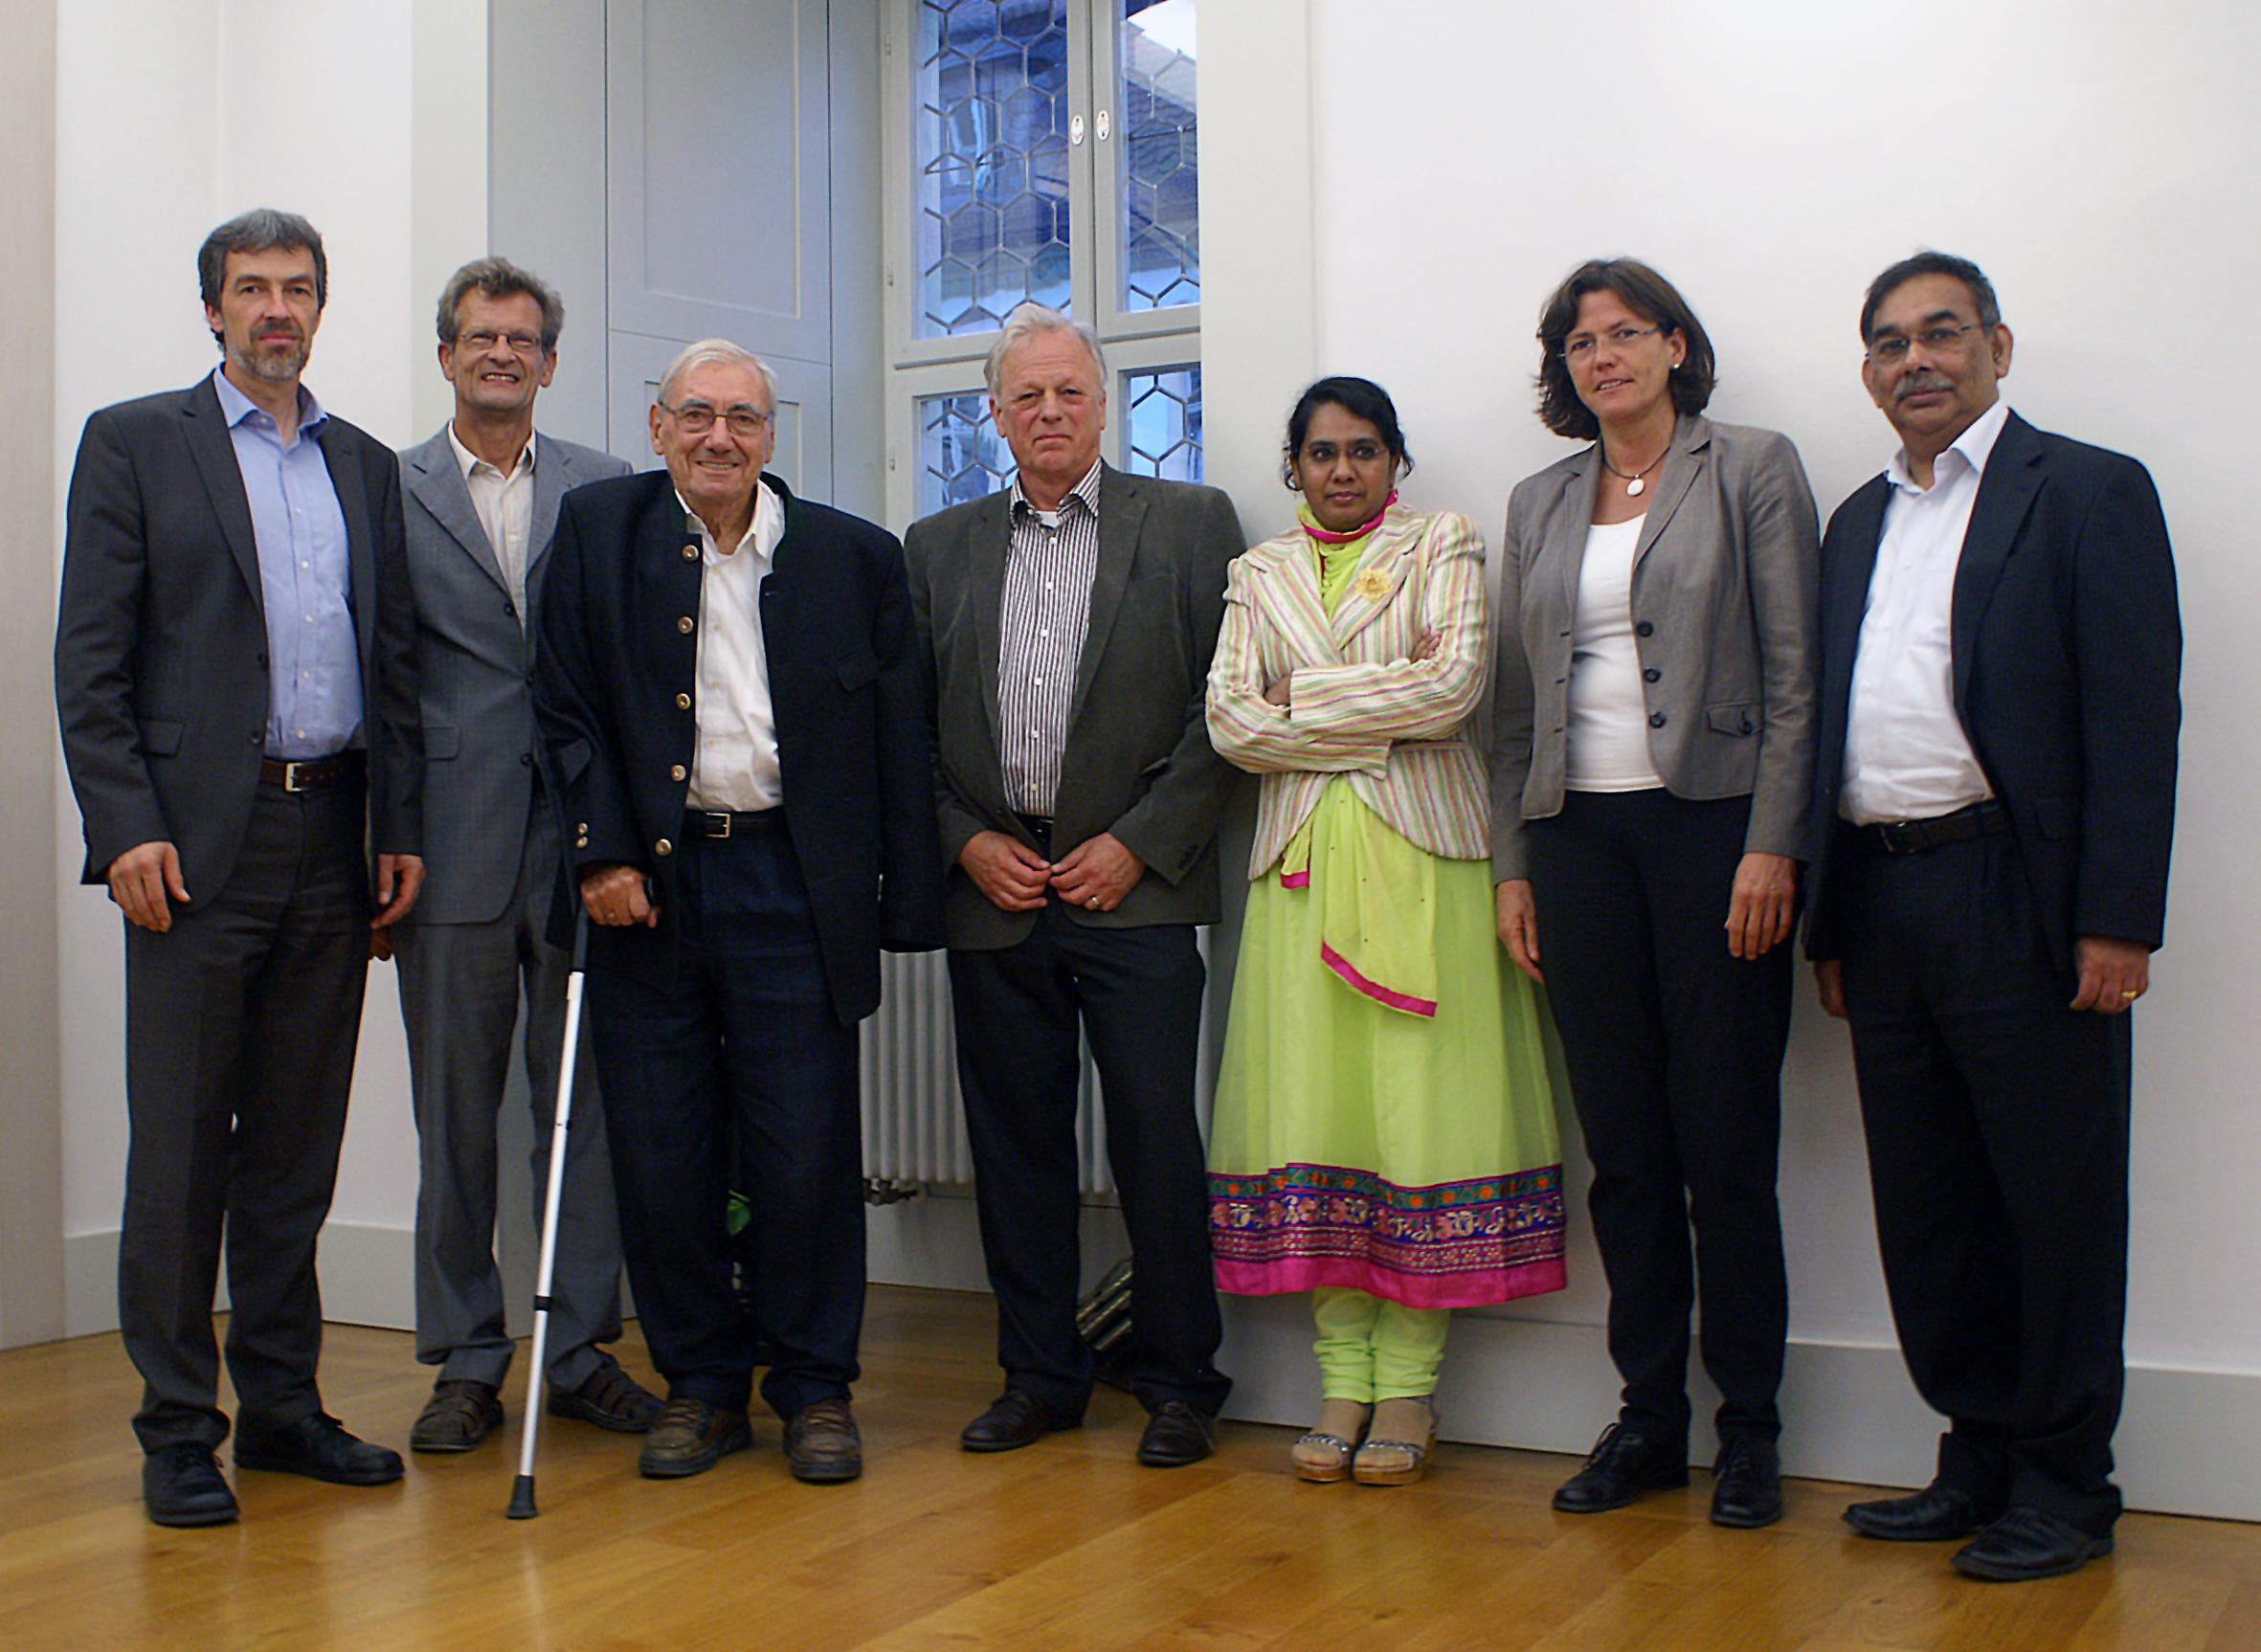 Die Referenten: Hartwig Sievers, Bernhard Uehleke, Heinz Schilcher, Johannes Gottfried Mayer, Amina Ather, Christa-Marie Kitz, Thomas Vallomtharayil.